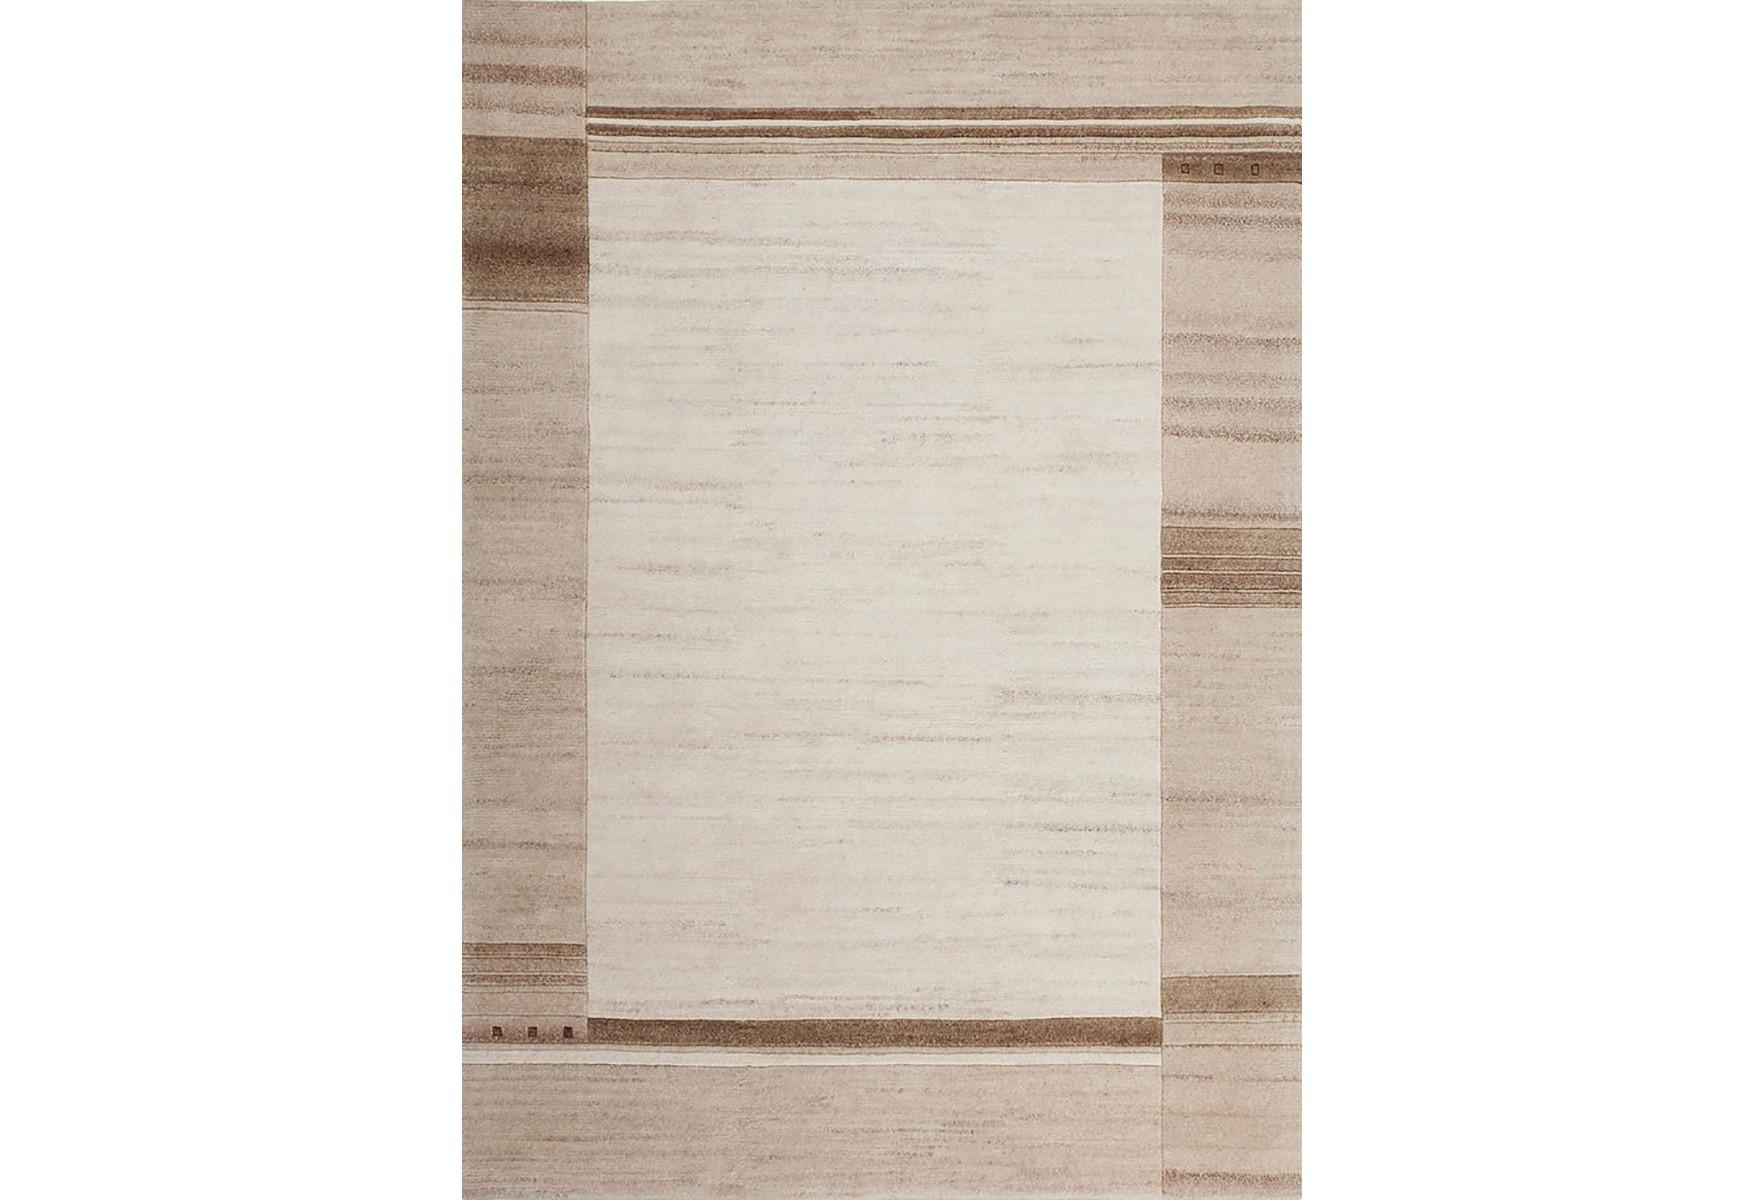 Ковер Nepal 120х170Прямоугольные ковры<br>Ковер ручной работы из высококачественной <br>новозеландской шерсти в геометрическом <br>стиле. Плотный и очень теплый!&amp;lt;div&amp;gt;&amp;lt;br&amp;gt;&amp;lt;/div&amp;gt;&amp;lt;div&amp;gt;Основа - хлопок.&amp;lt;/div&amp;gt;<br><br>Material: Шерсть<br>Ширина см: 120<br>Глубина см: 170